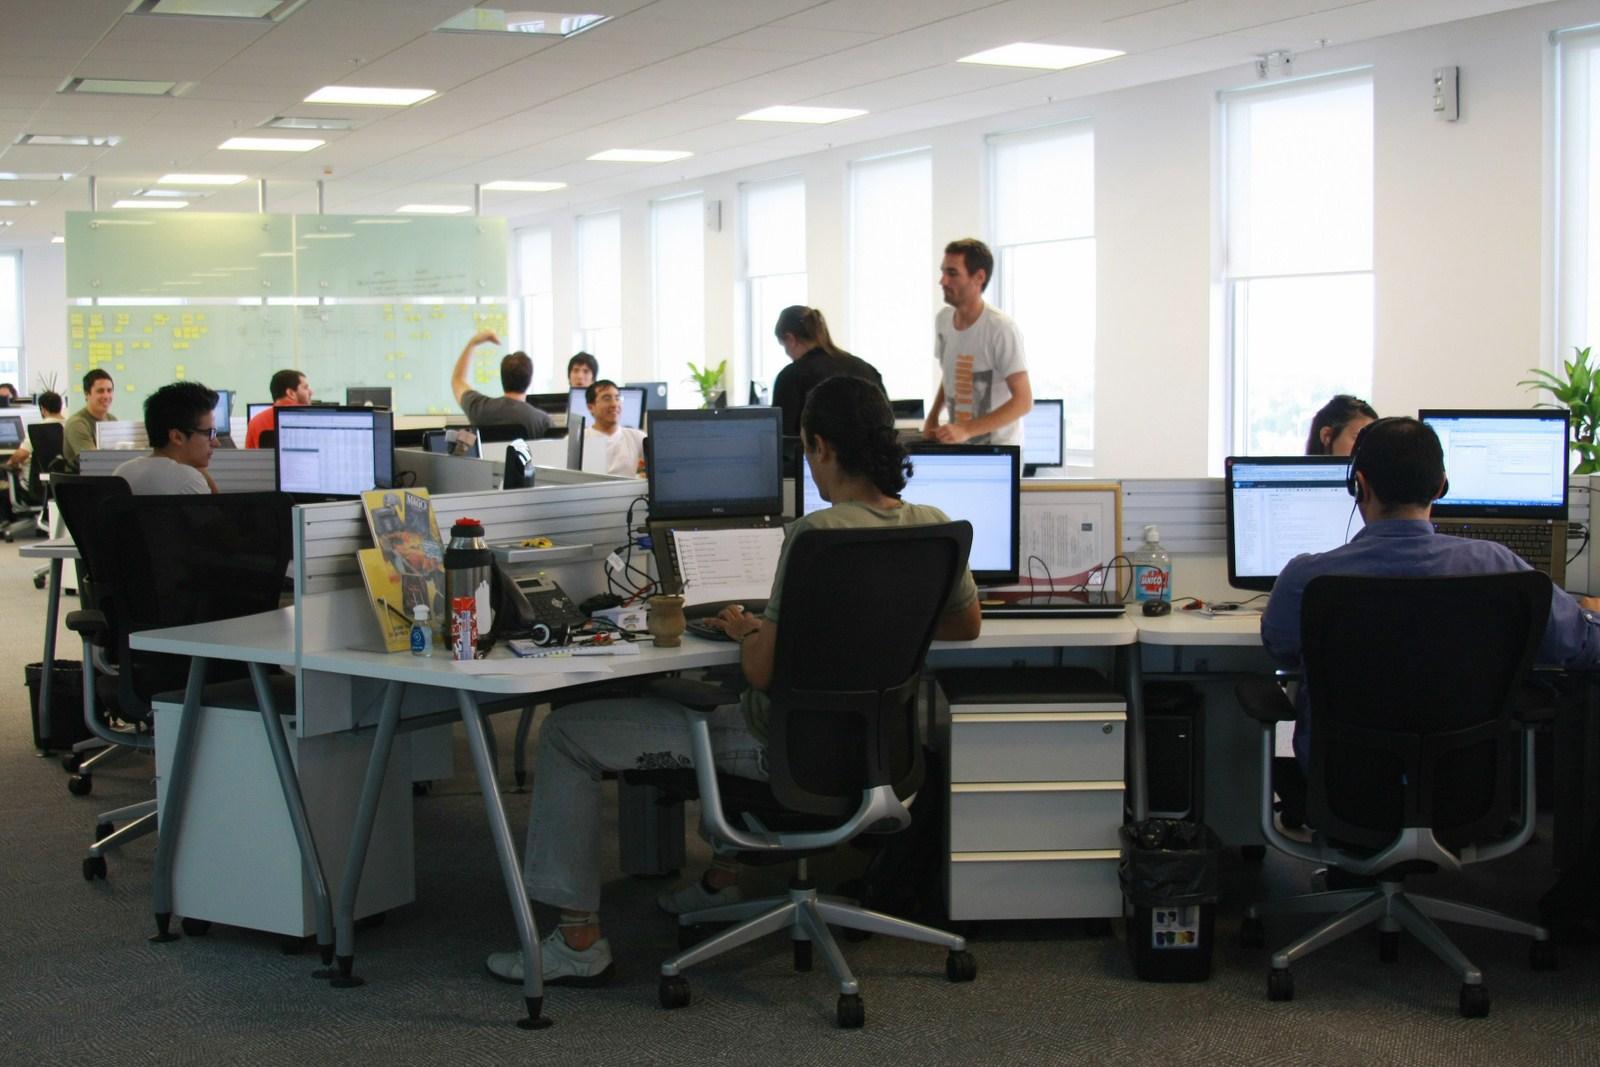 Oficina publica saludable oficinas de mercadolibre en la for Espacios para oficinas